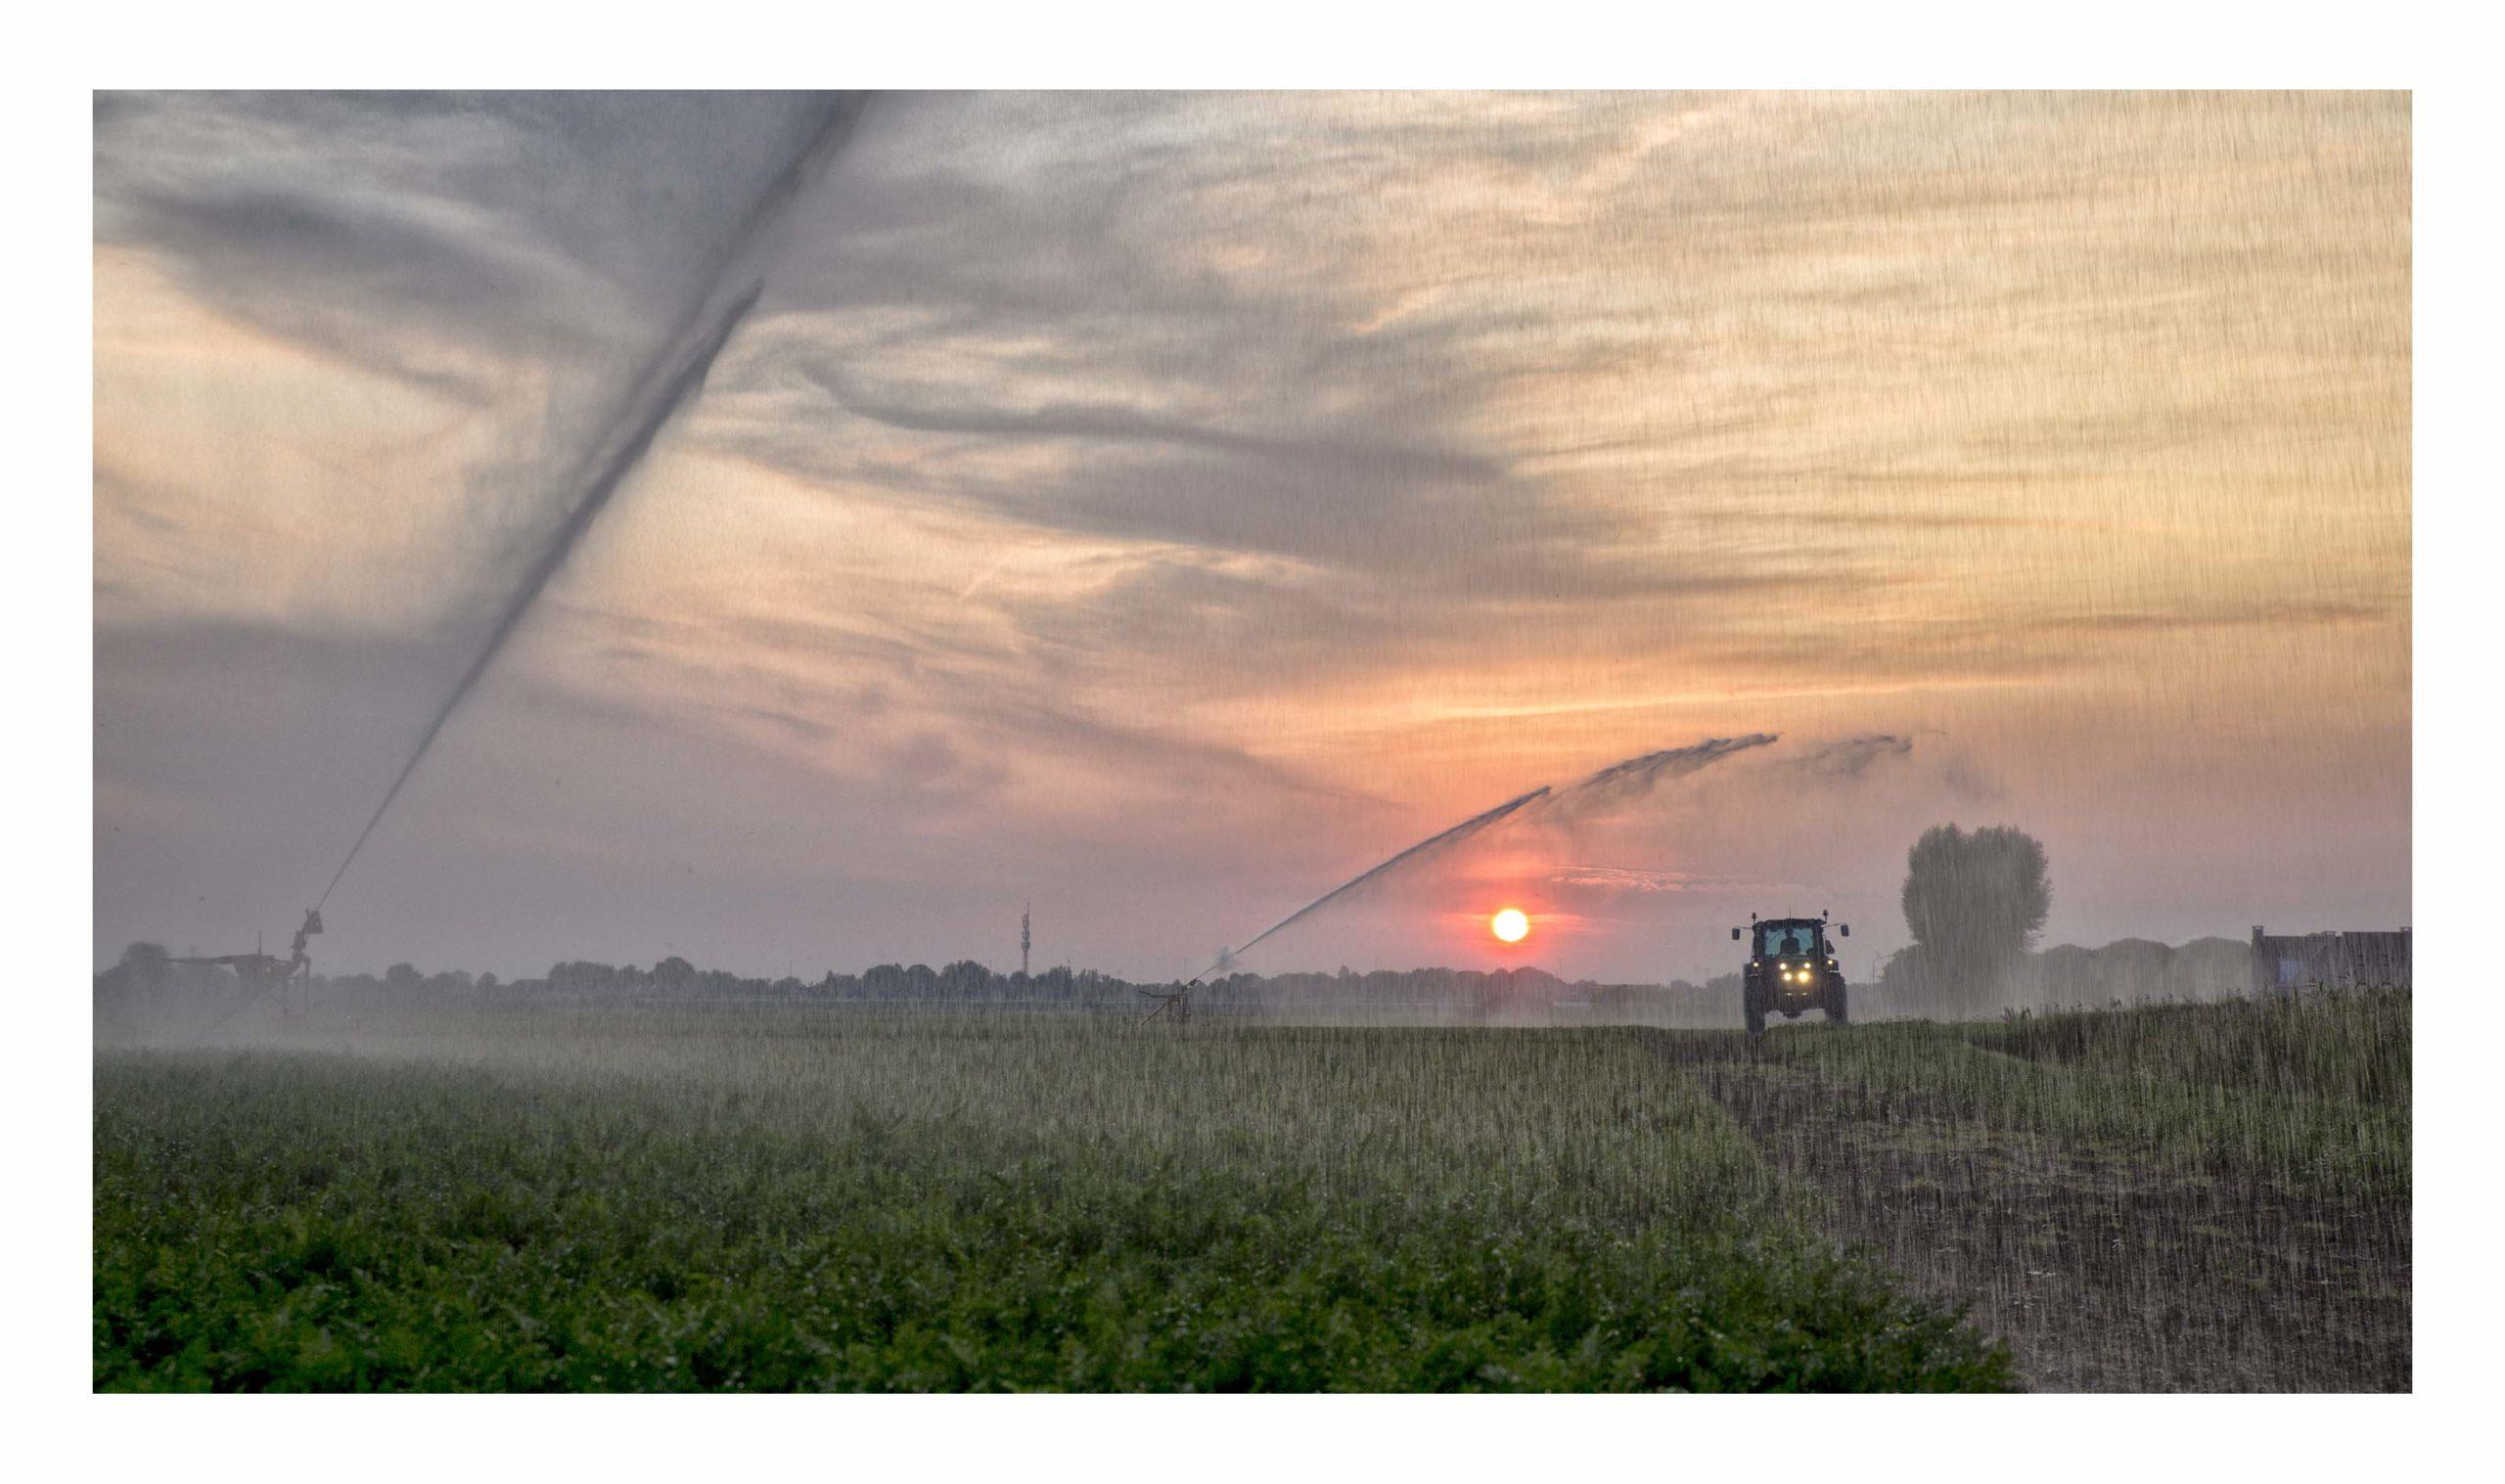 Start project 'Kansen voor verwaarding van kringlooplandbouw in Altena'